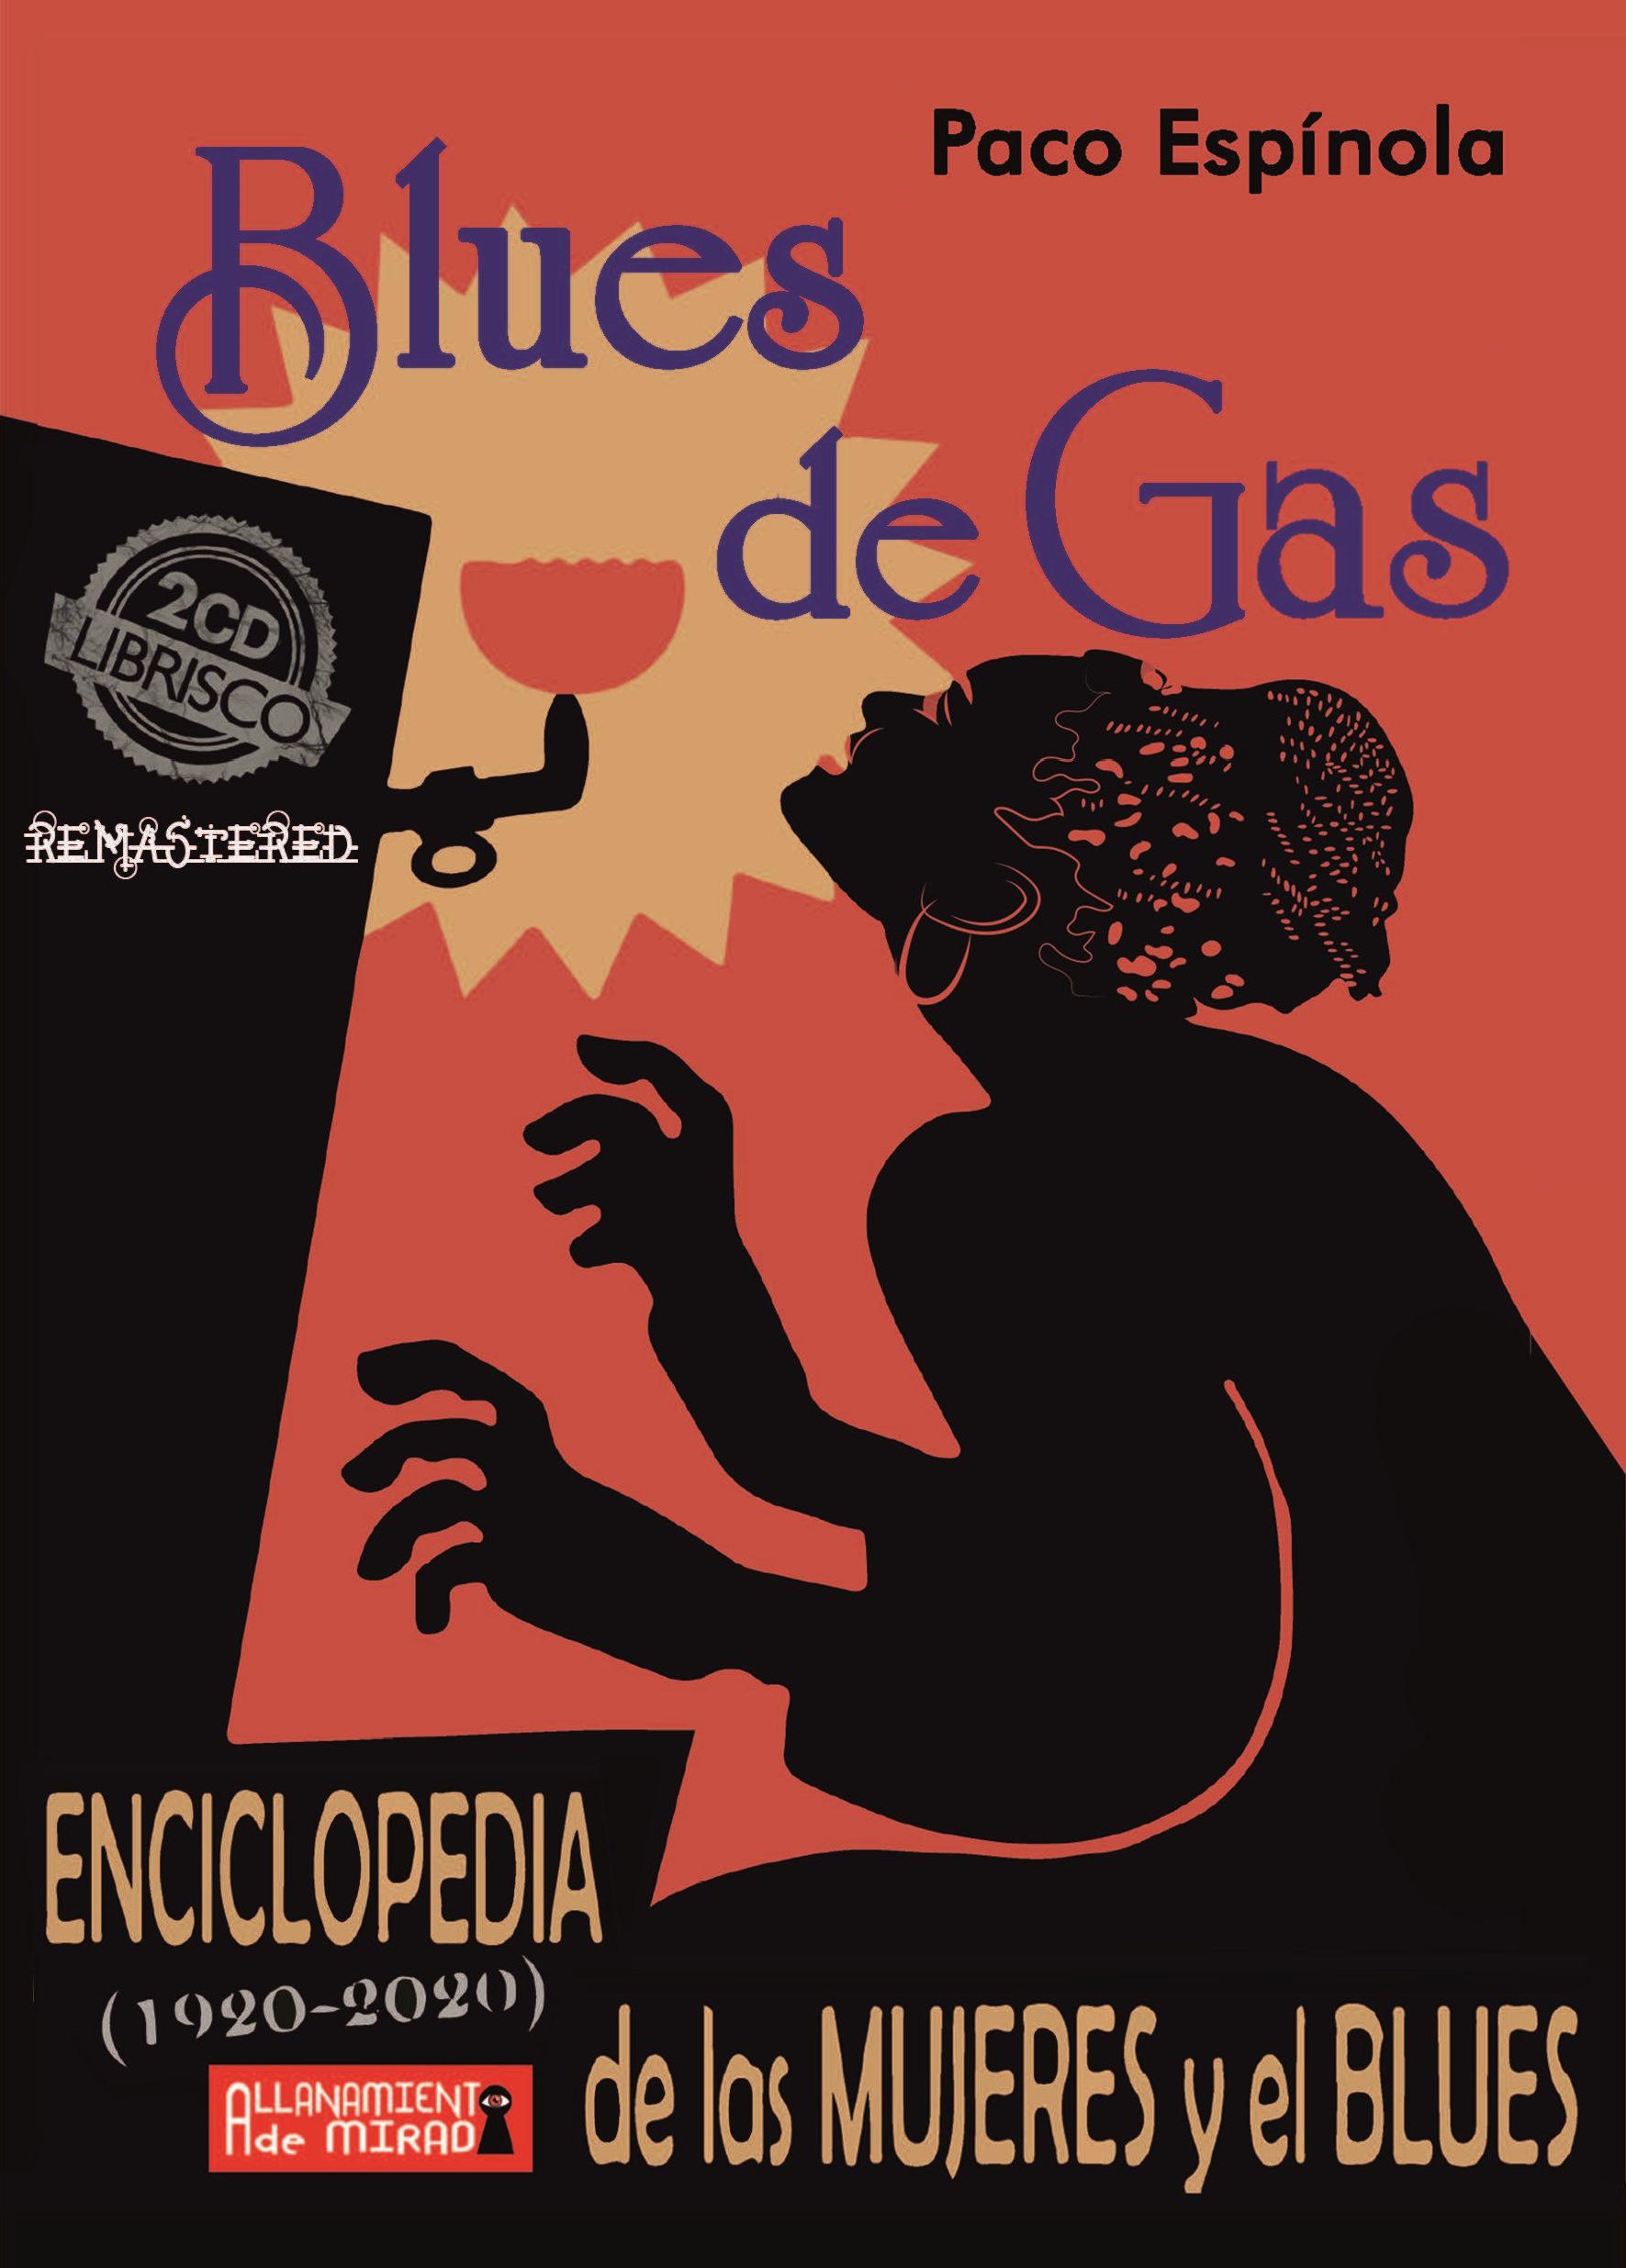 Paco Espínola presenta Blues de Gas, enciclopedia dedicada a las mujeres y el blues